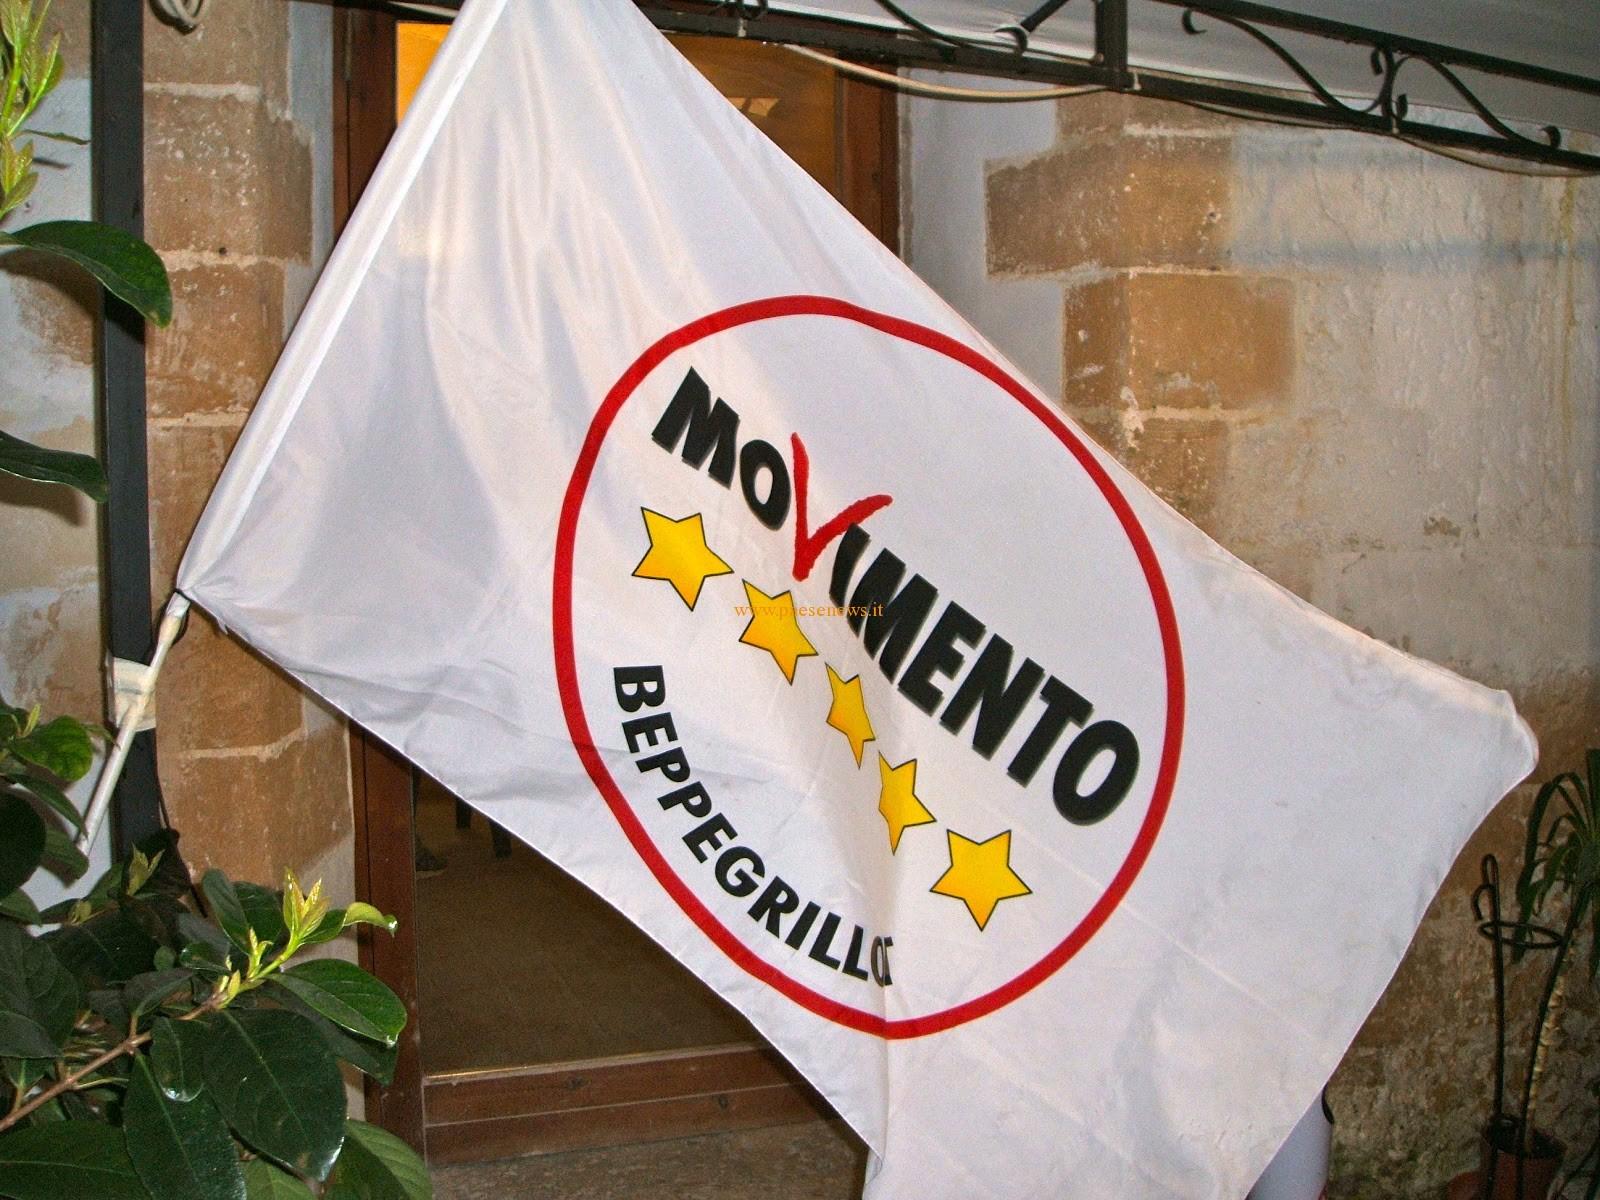 bandiera-mov-5-stelle